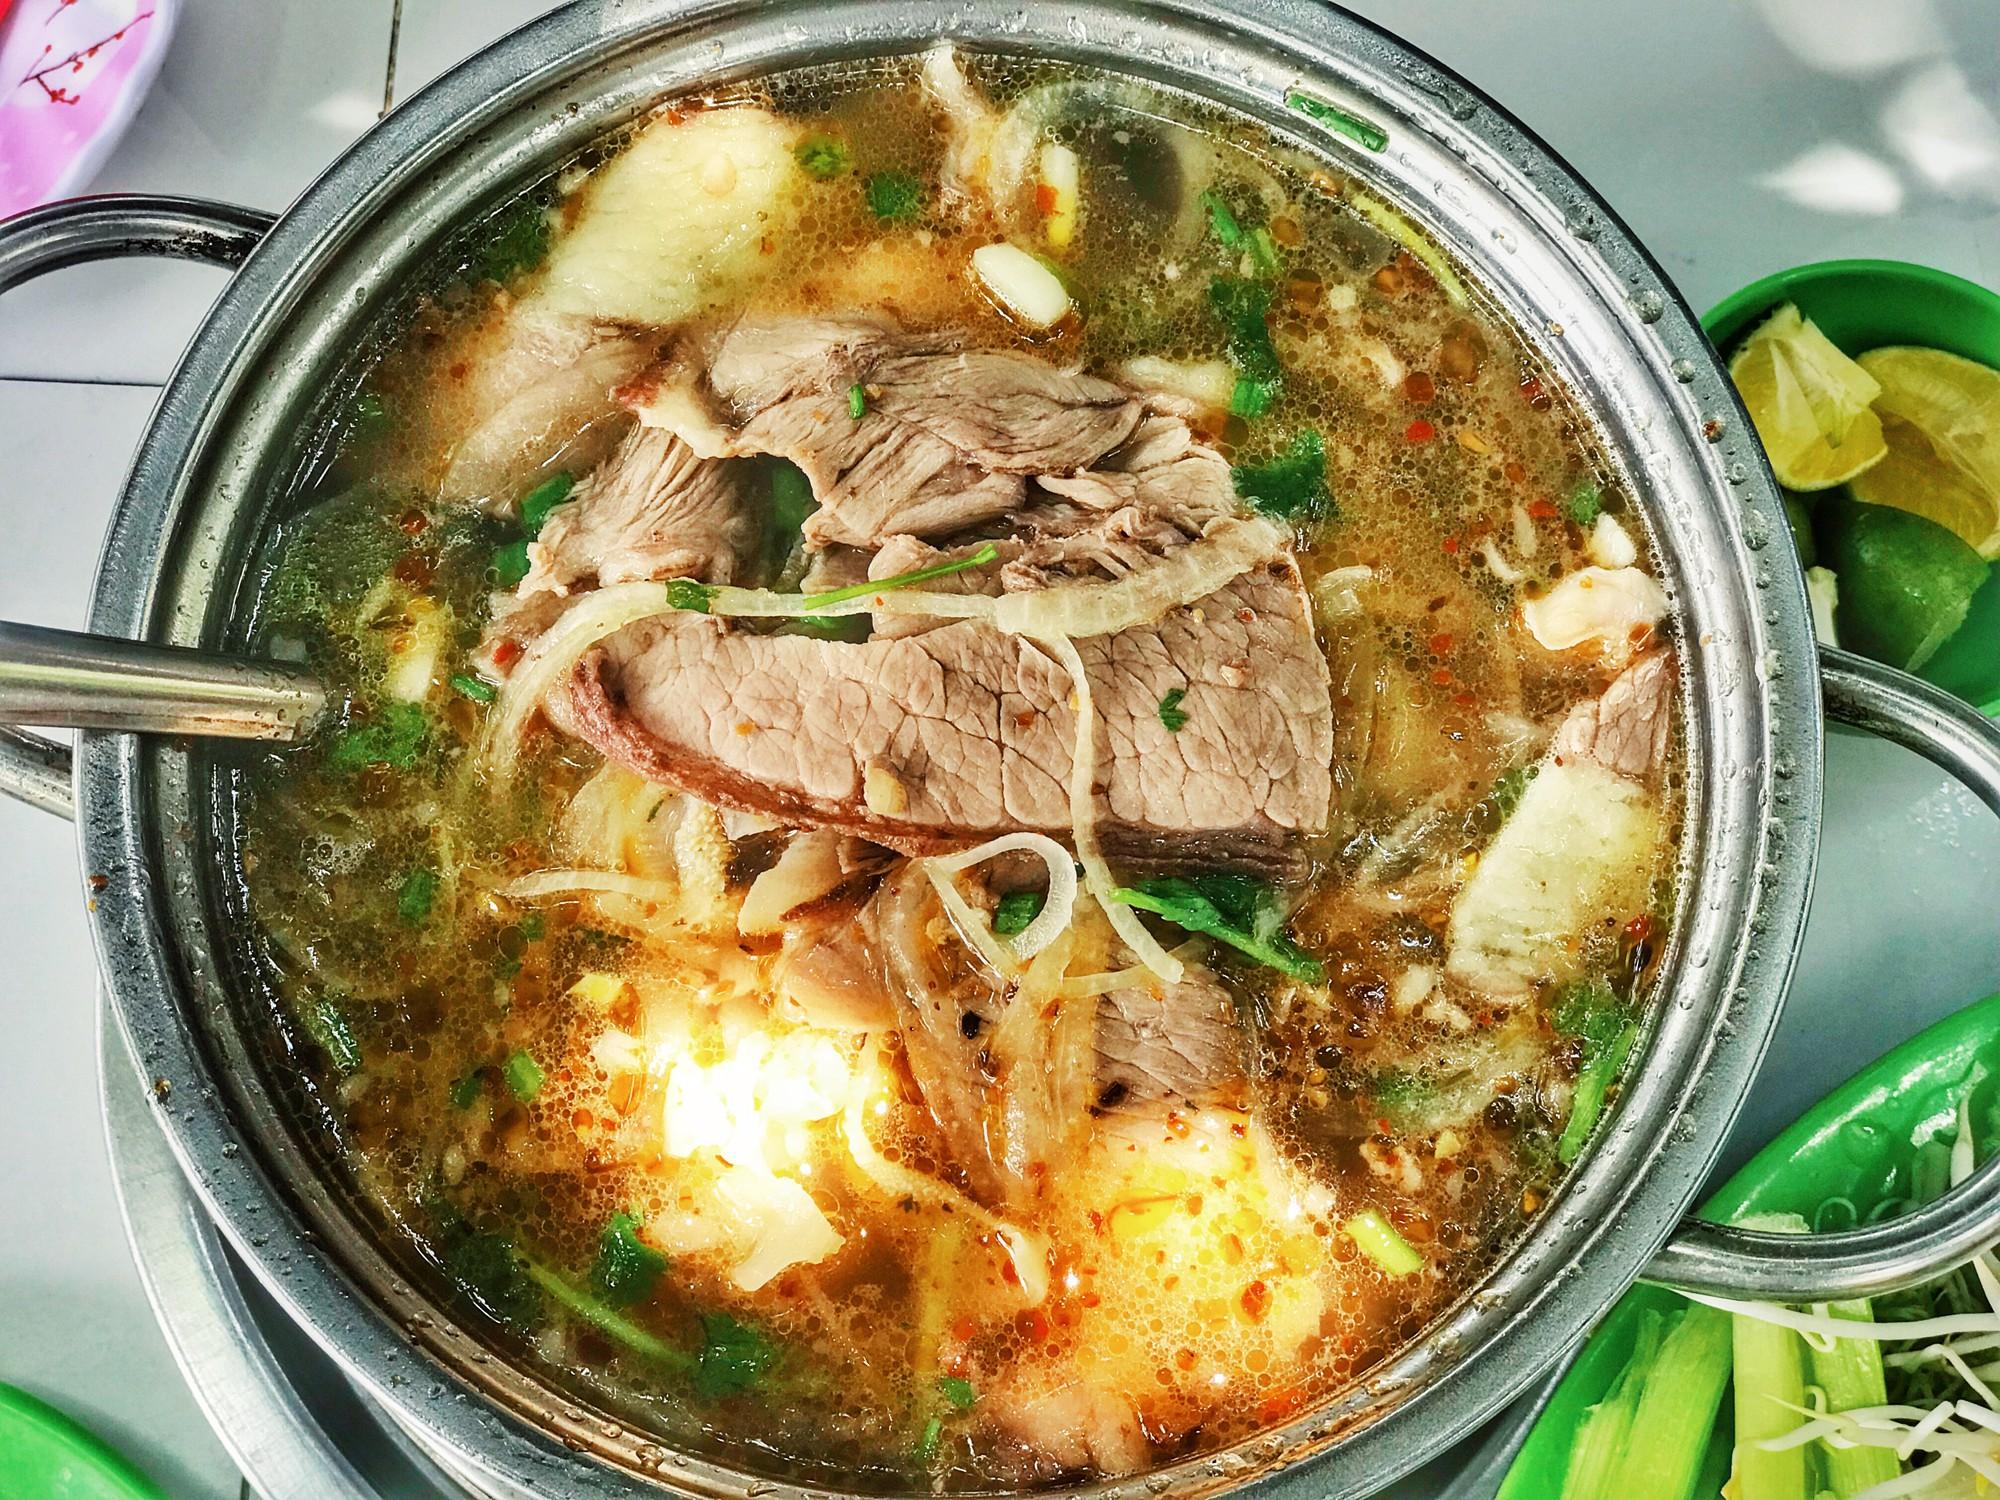 Quán lẩu bò nổi tiếng khiến người Sài Gòn lặn lội hàng chục cây số đến thưởng thức - Ảnh 1.